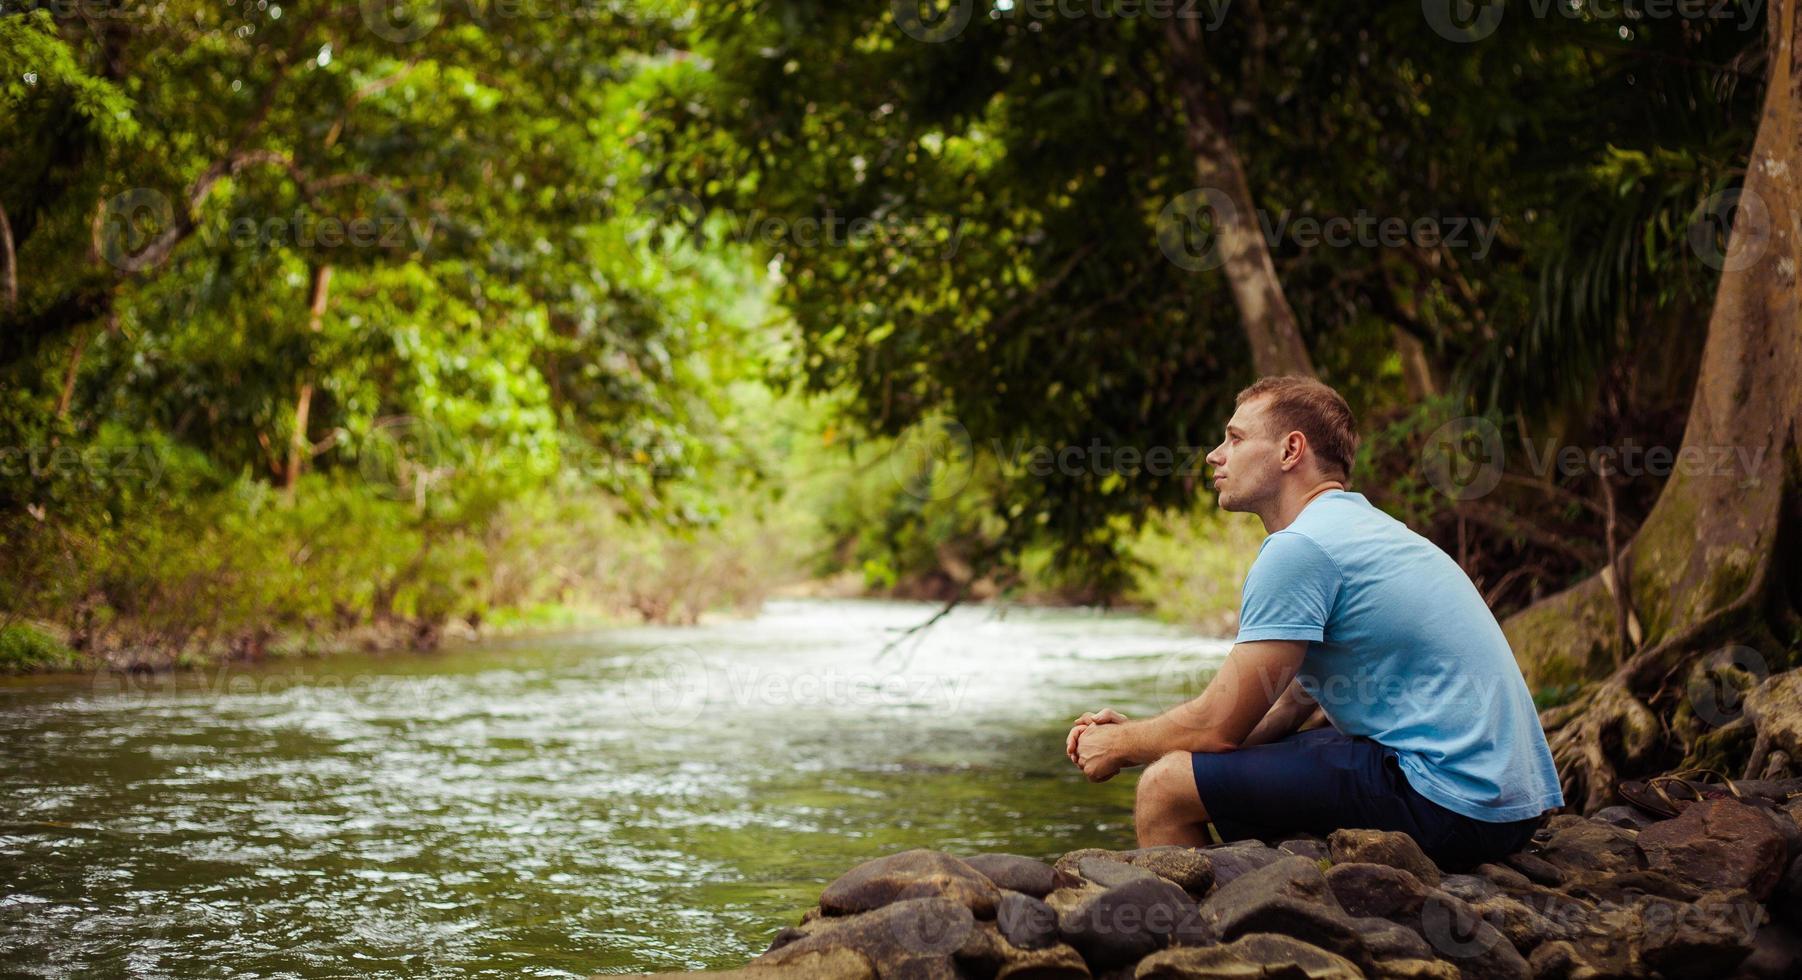 hombre sentado junto al río de la jungla contemplando foto